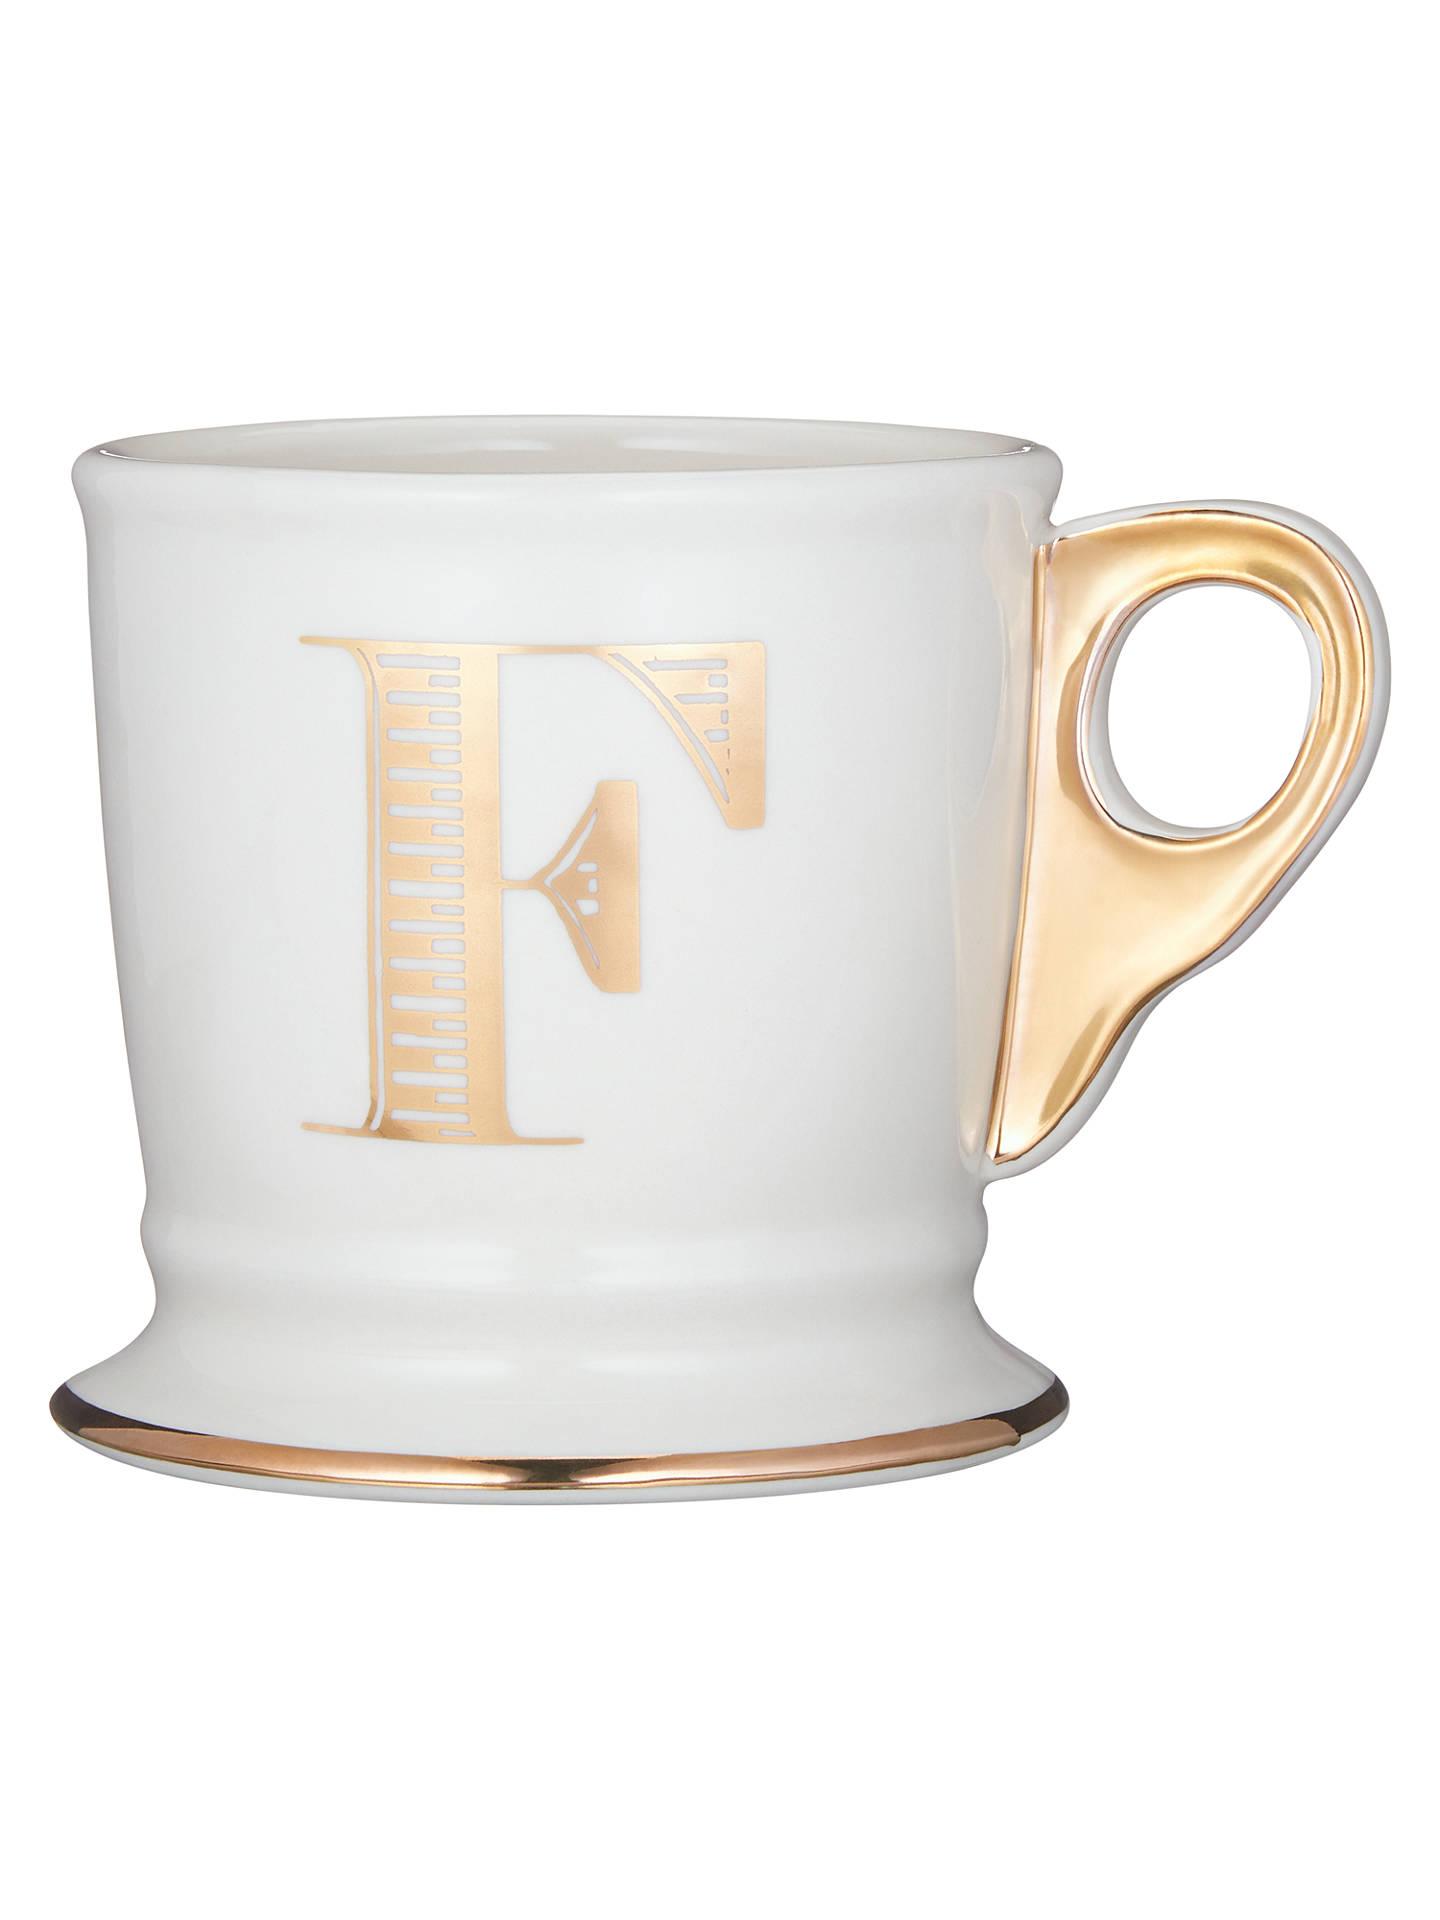 anthropologie gold monogram mug 384ml at john lewis partners